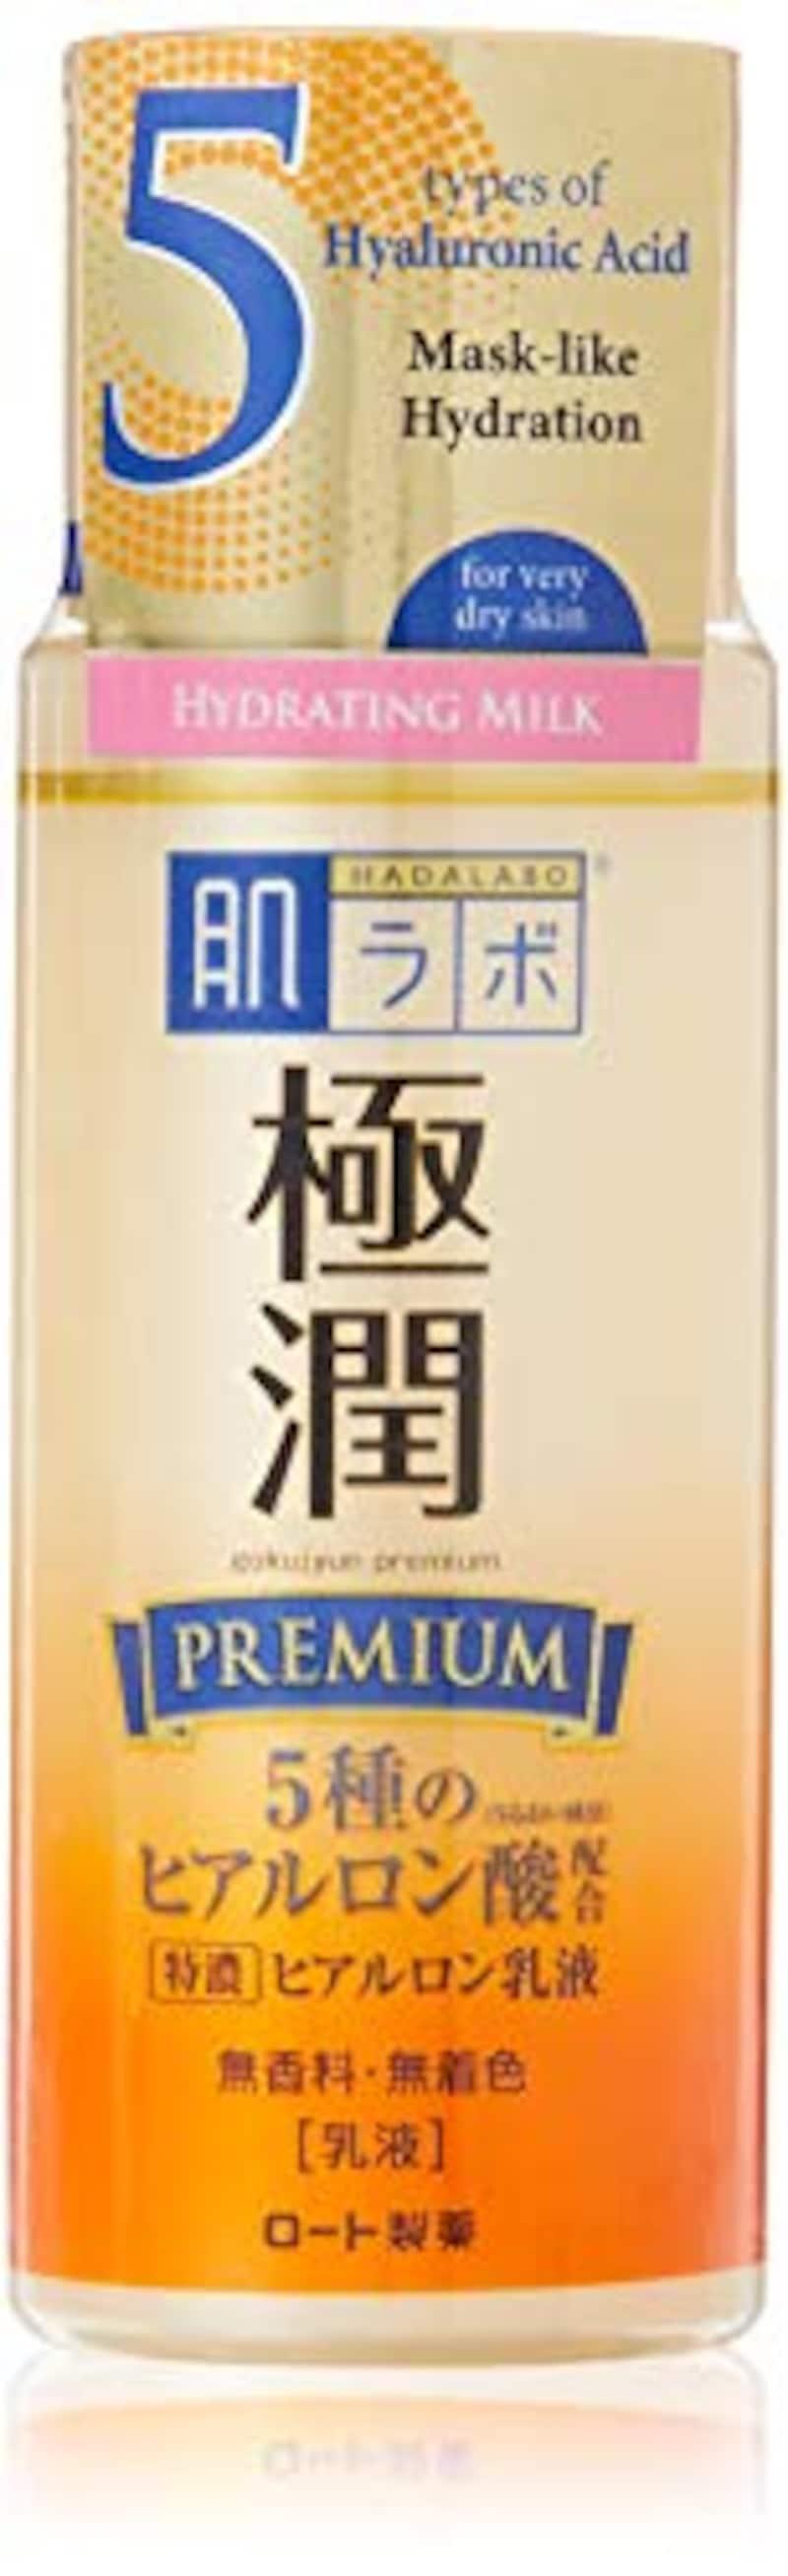 肌ラボ,極潤プレミアム 特濃ヒアルロン乳液